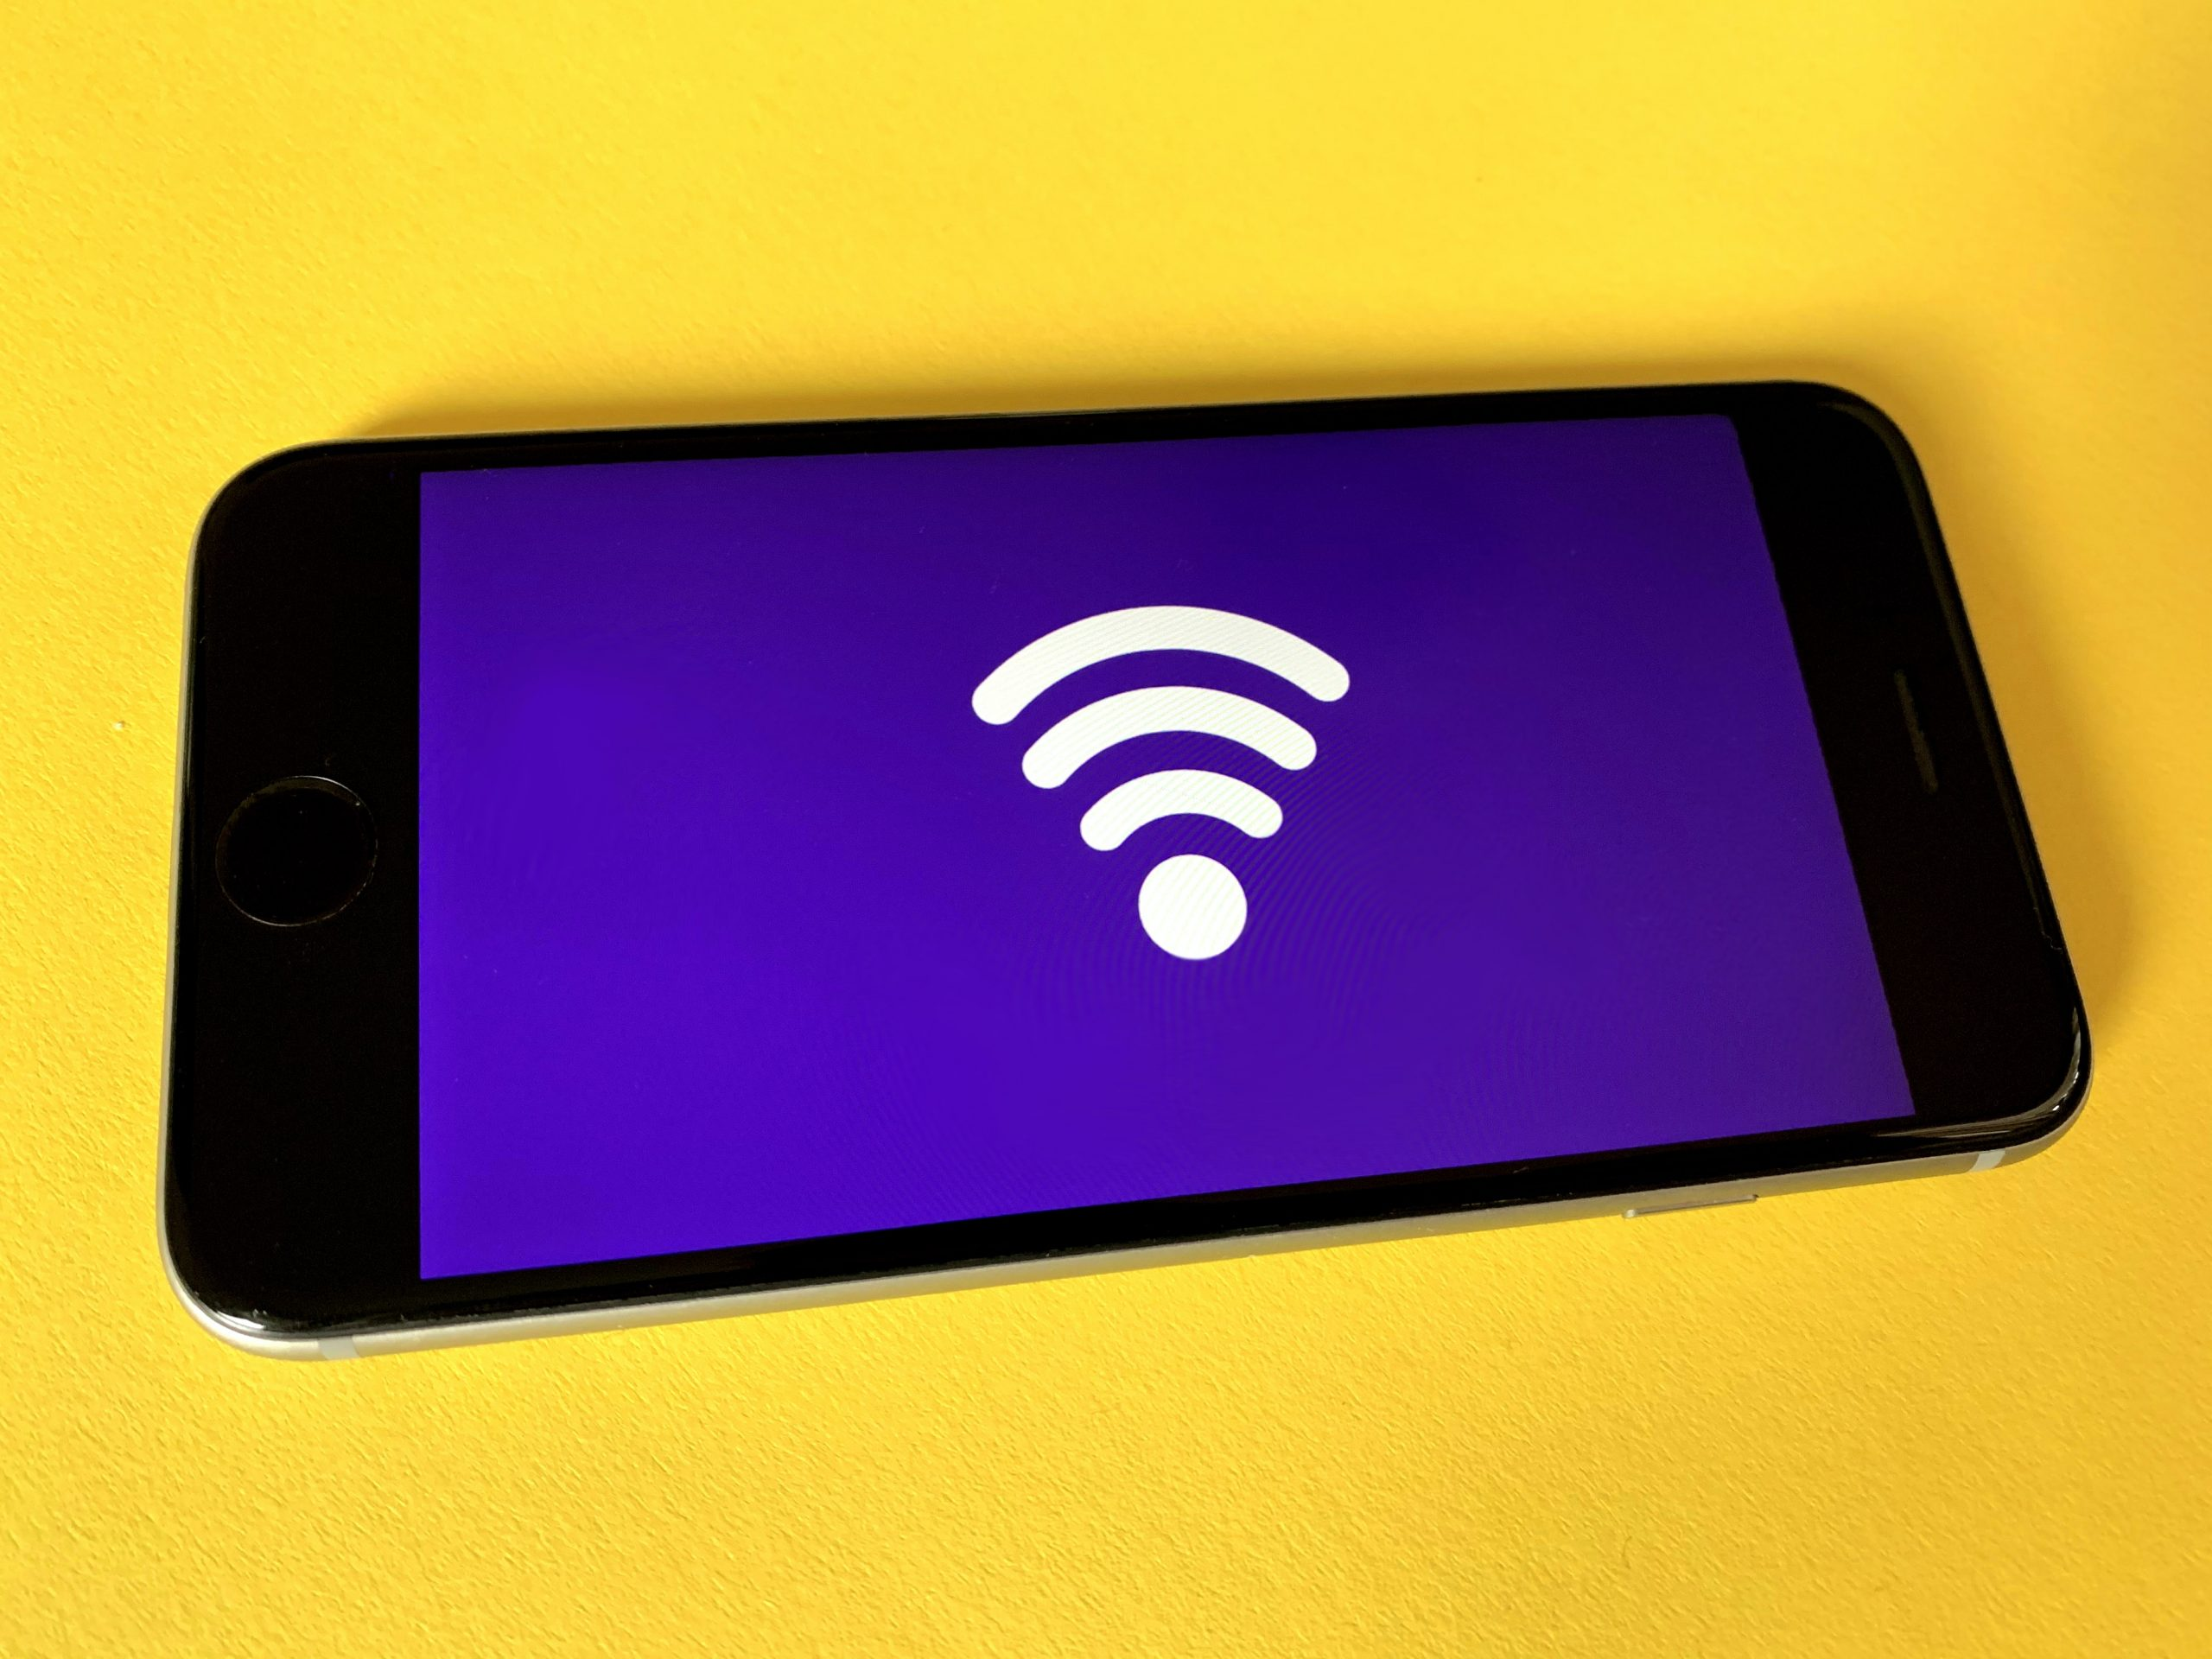 imagem ilustrativa de wi-fi